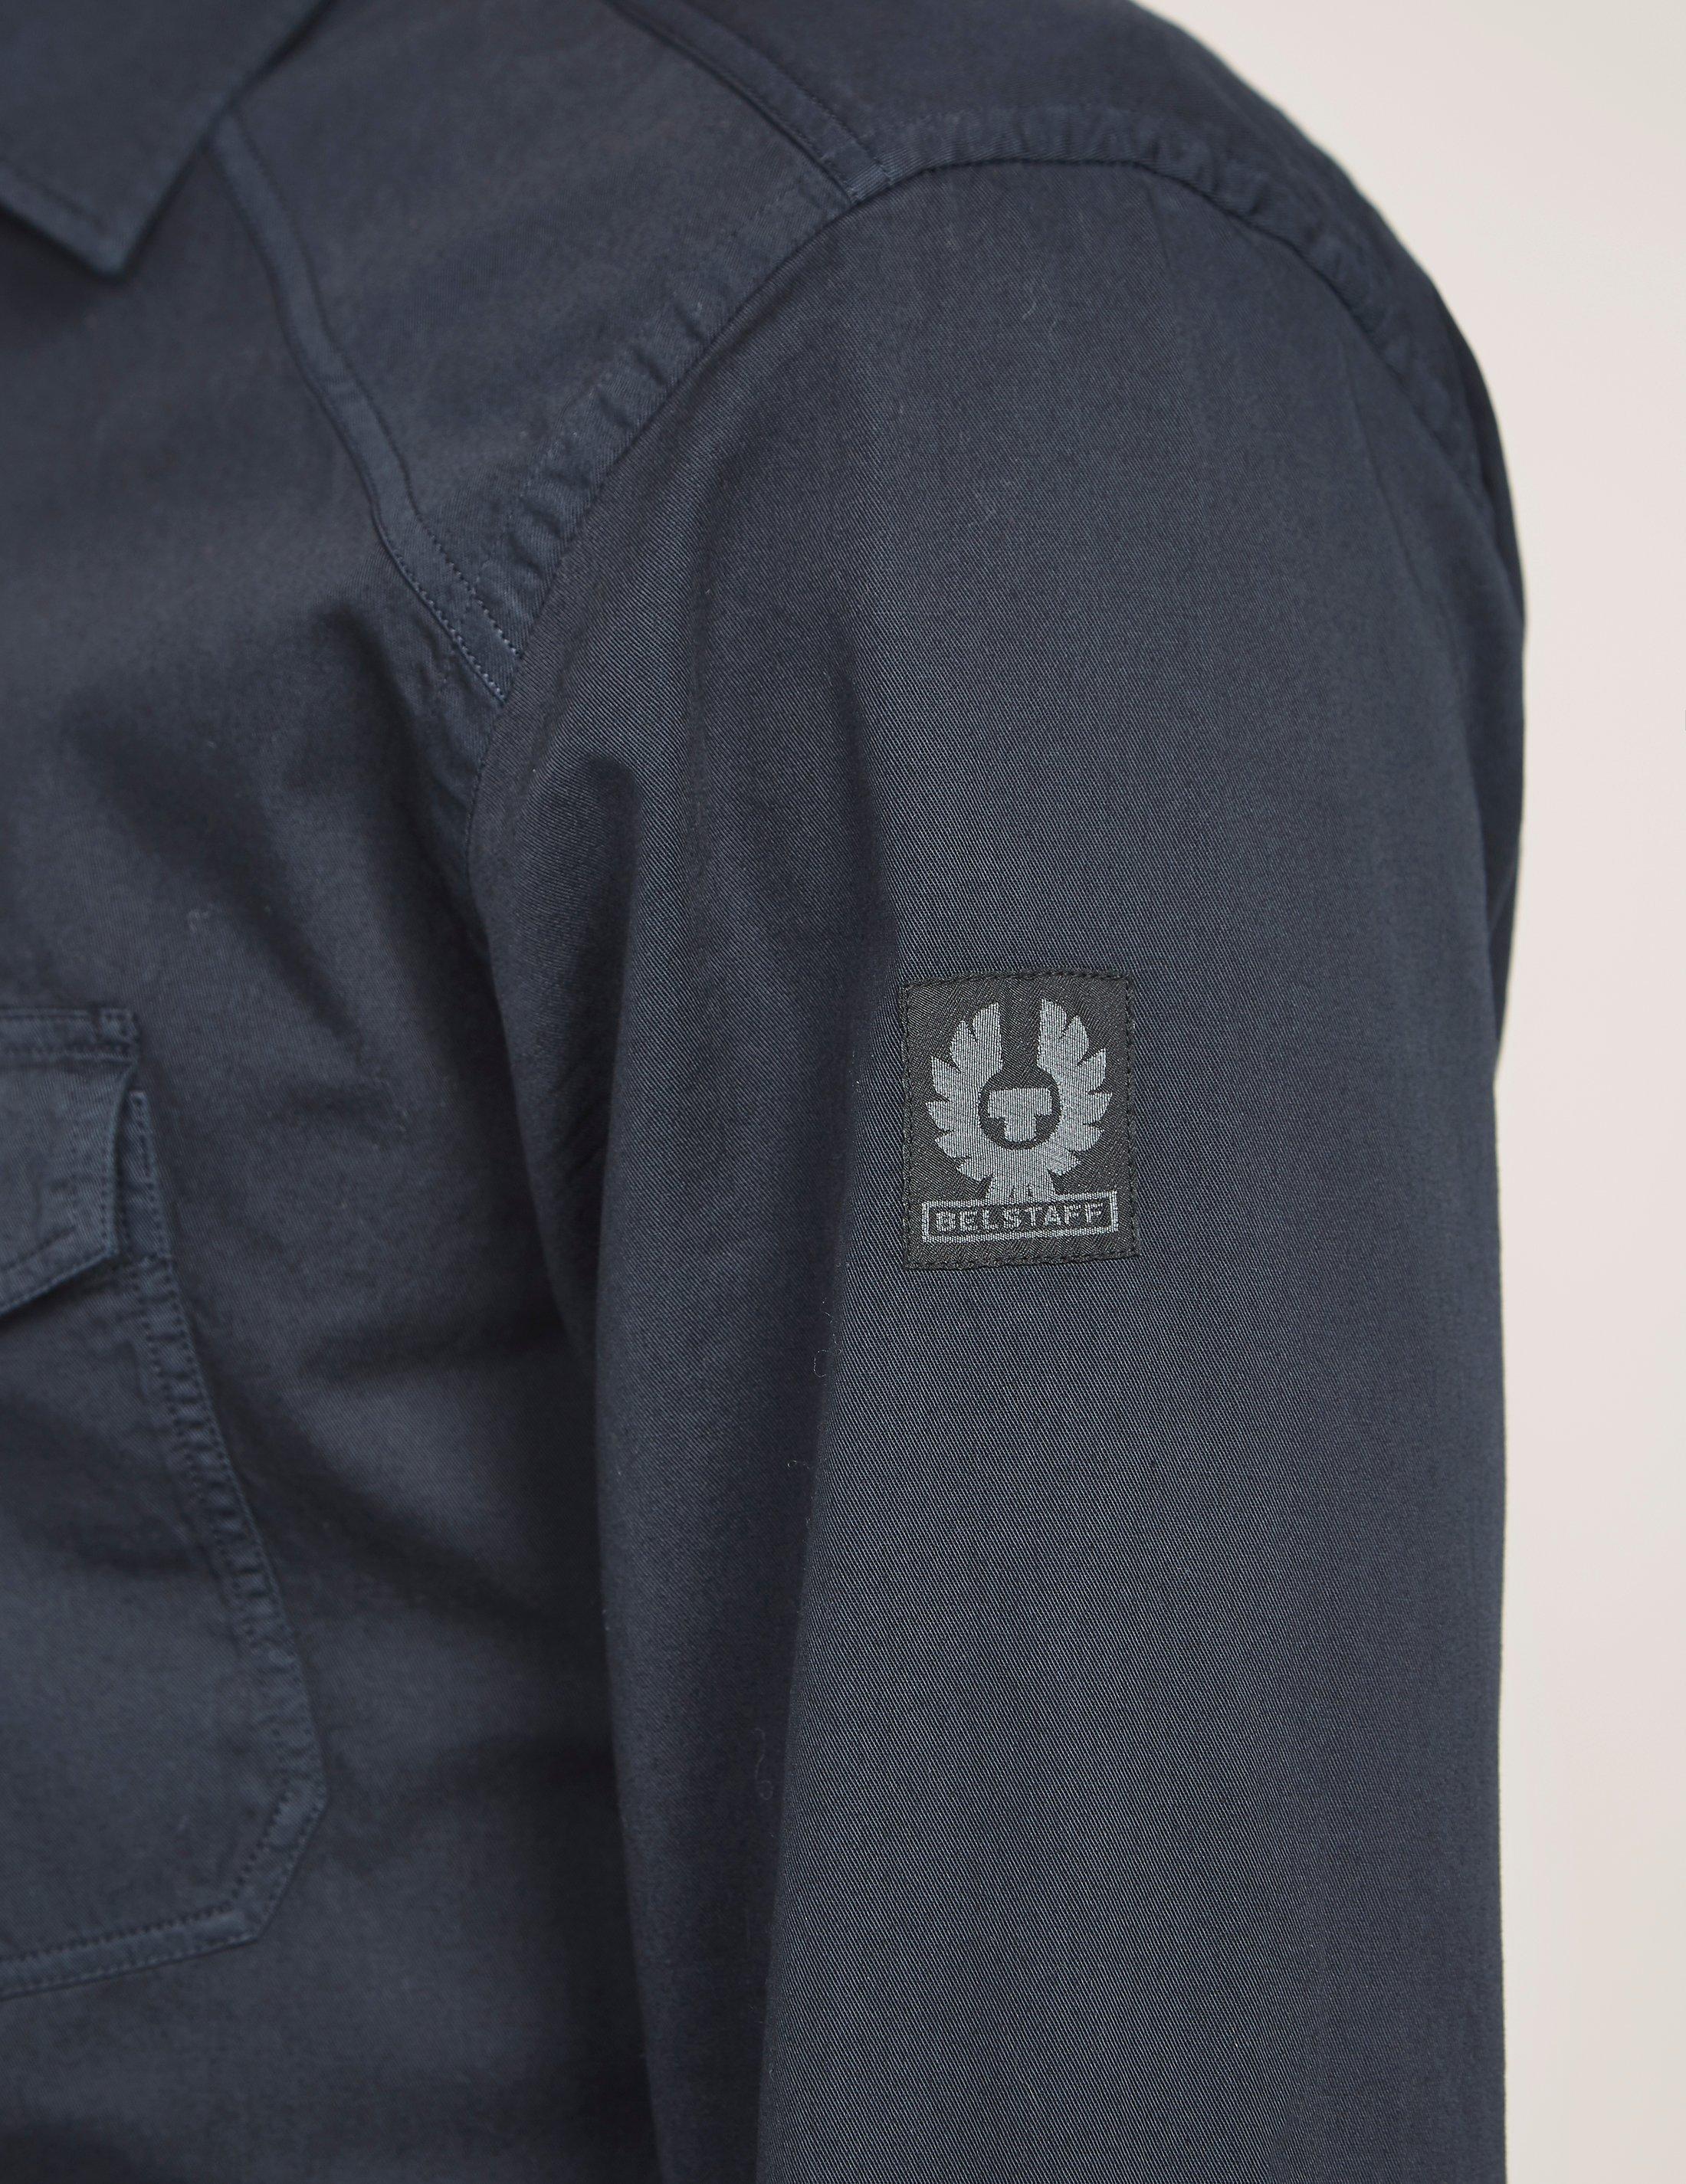 Lyst Belstaff Steadway Long Sleeve Shirt In Black For Men